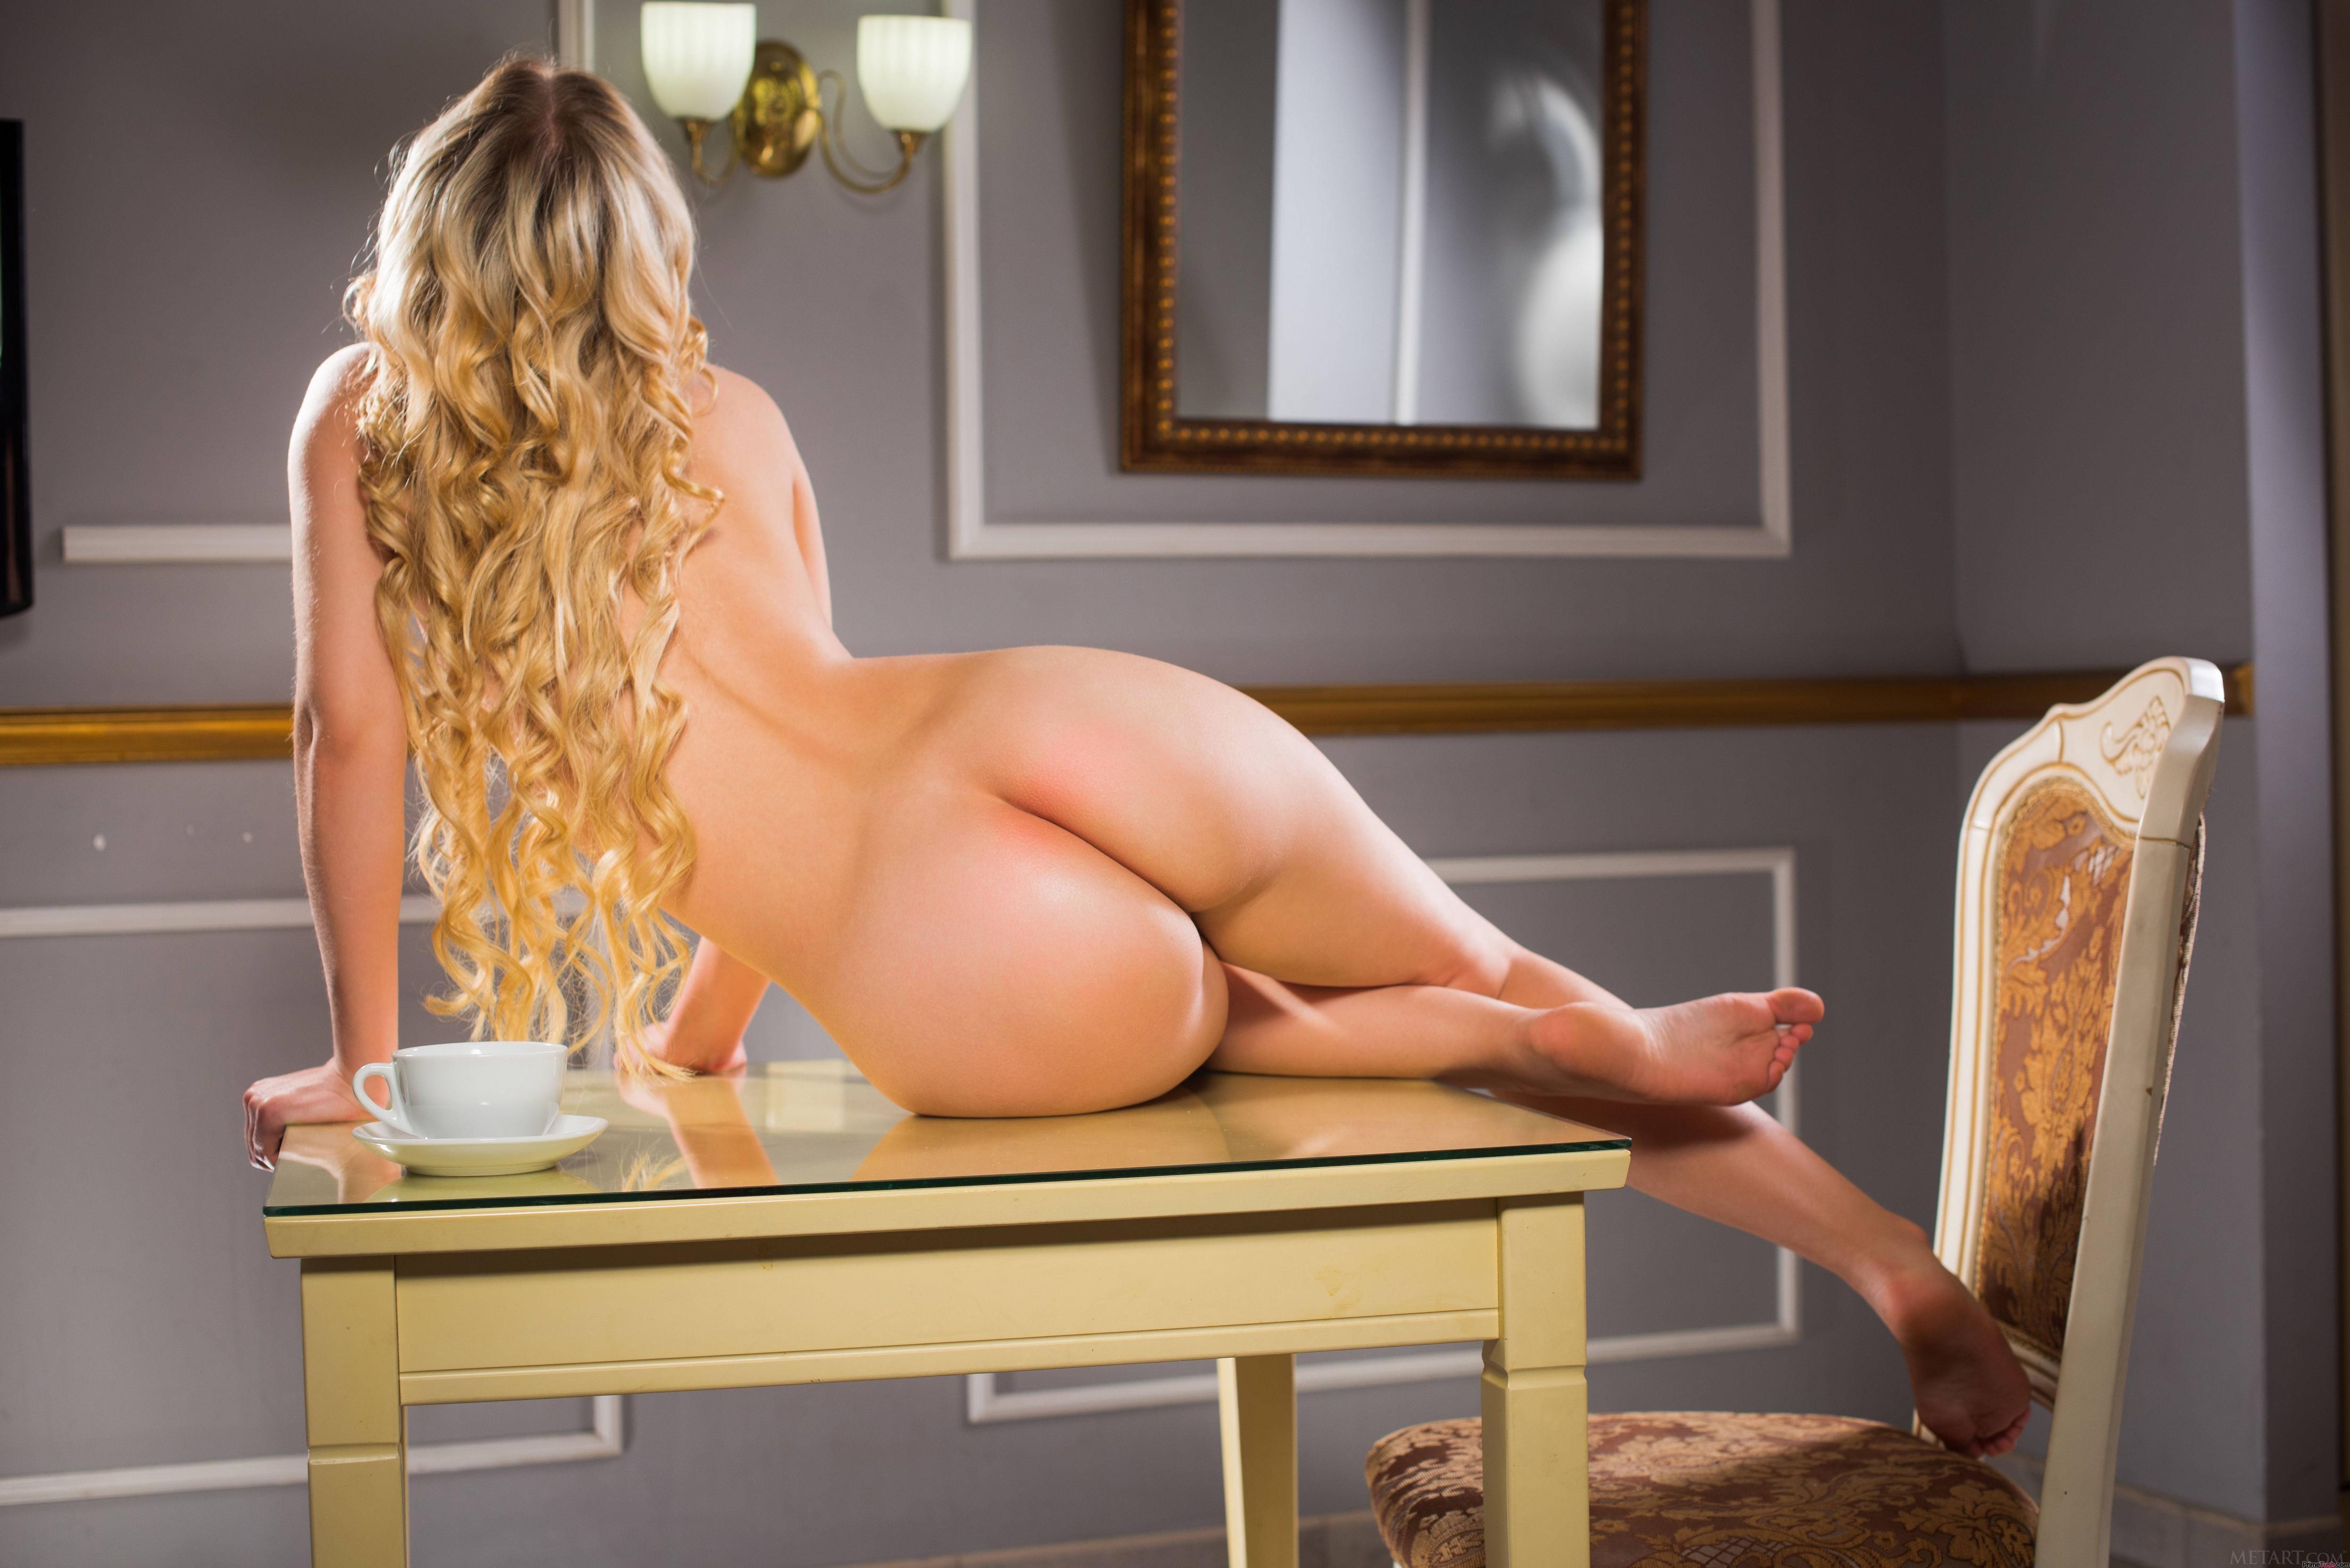 long-blonde-hair-nude